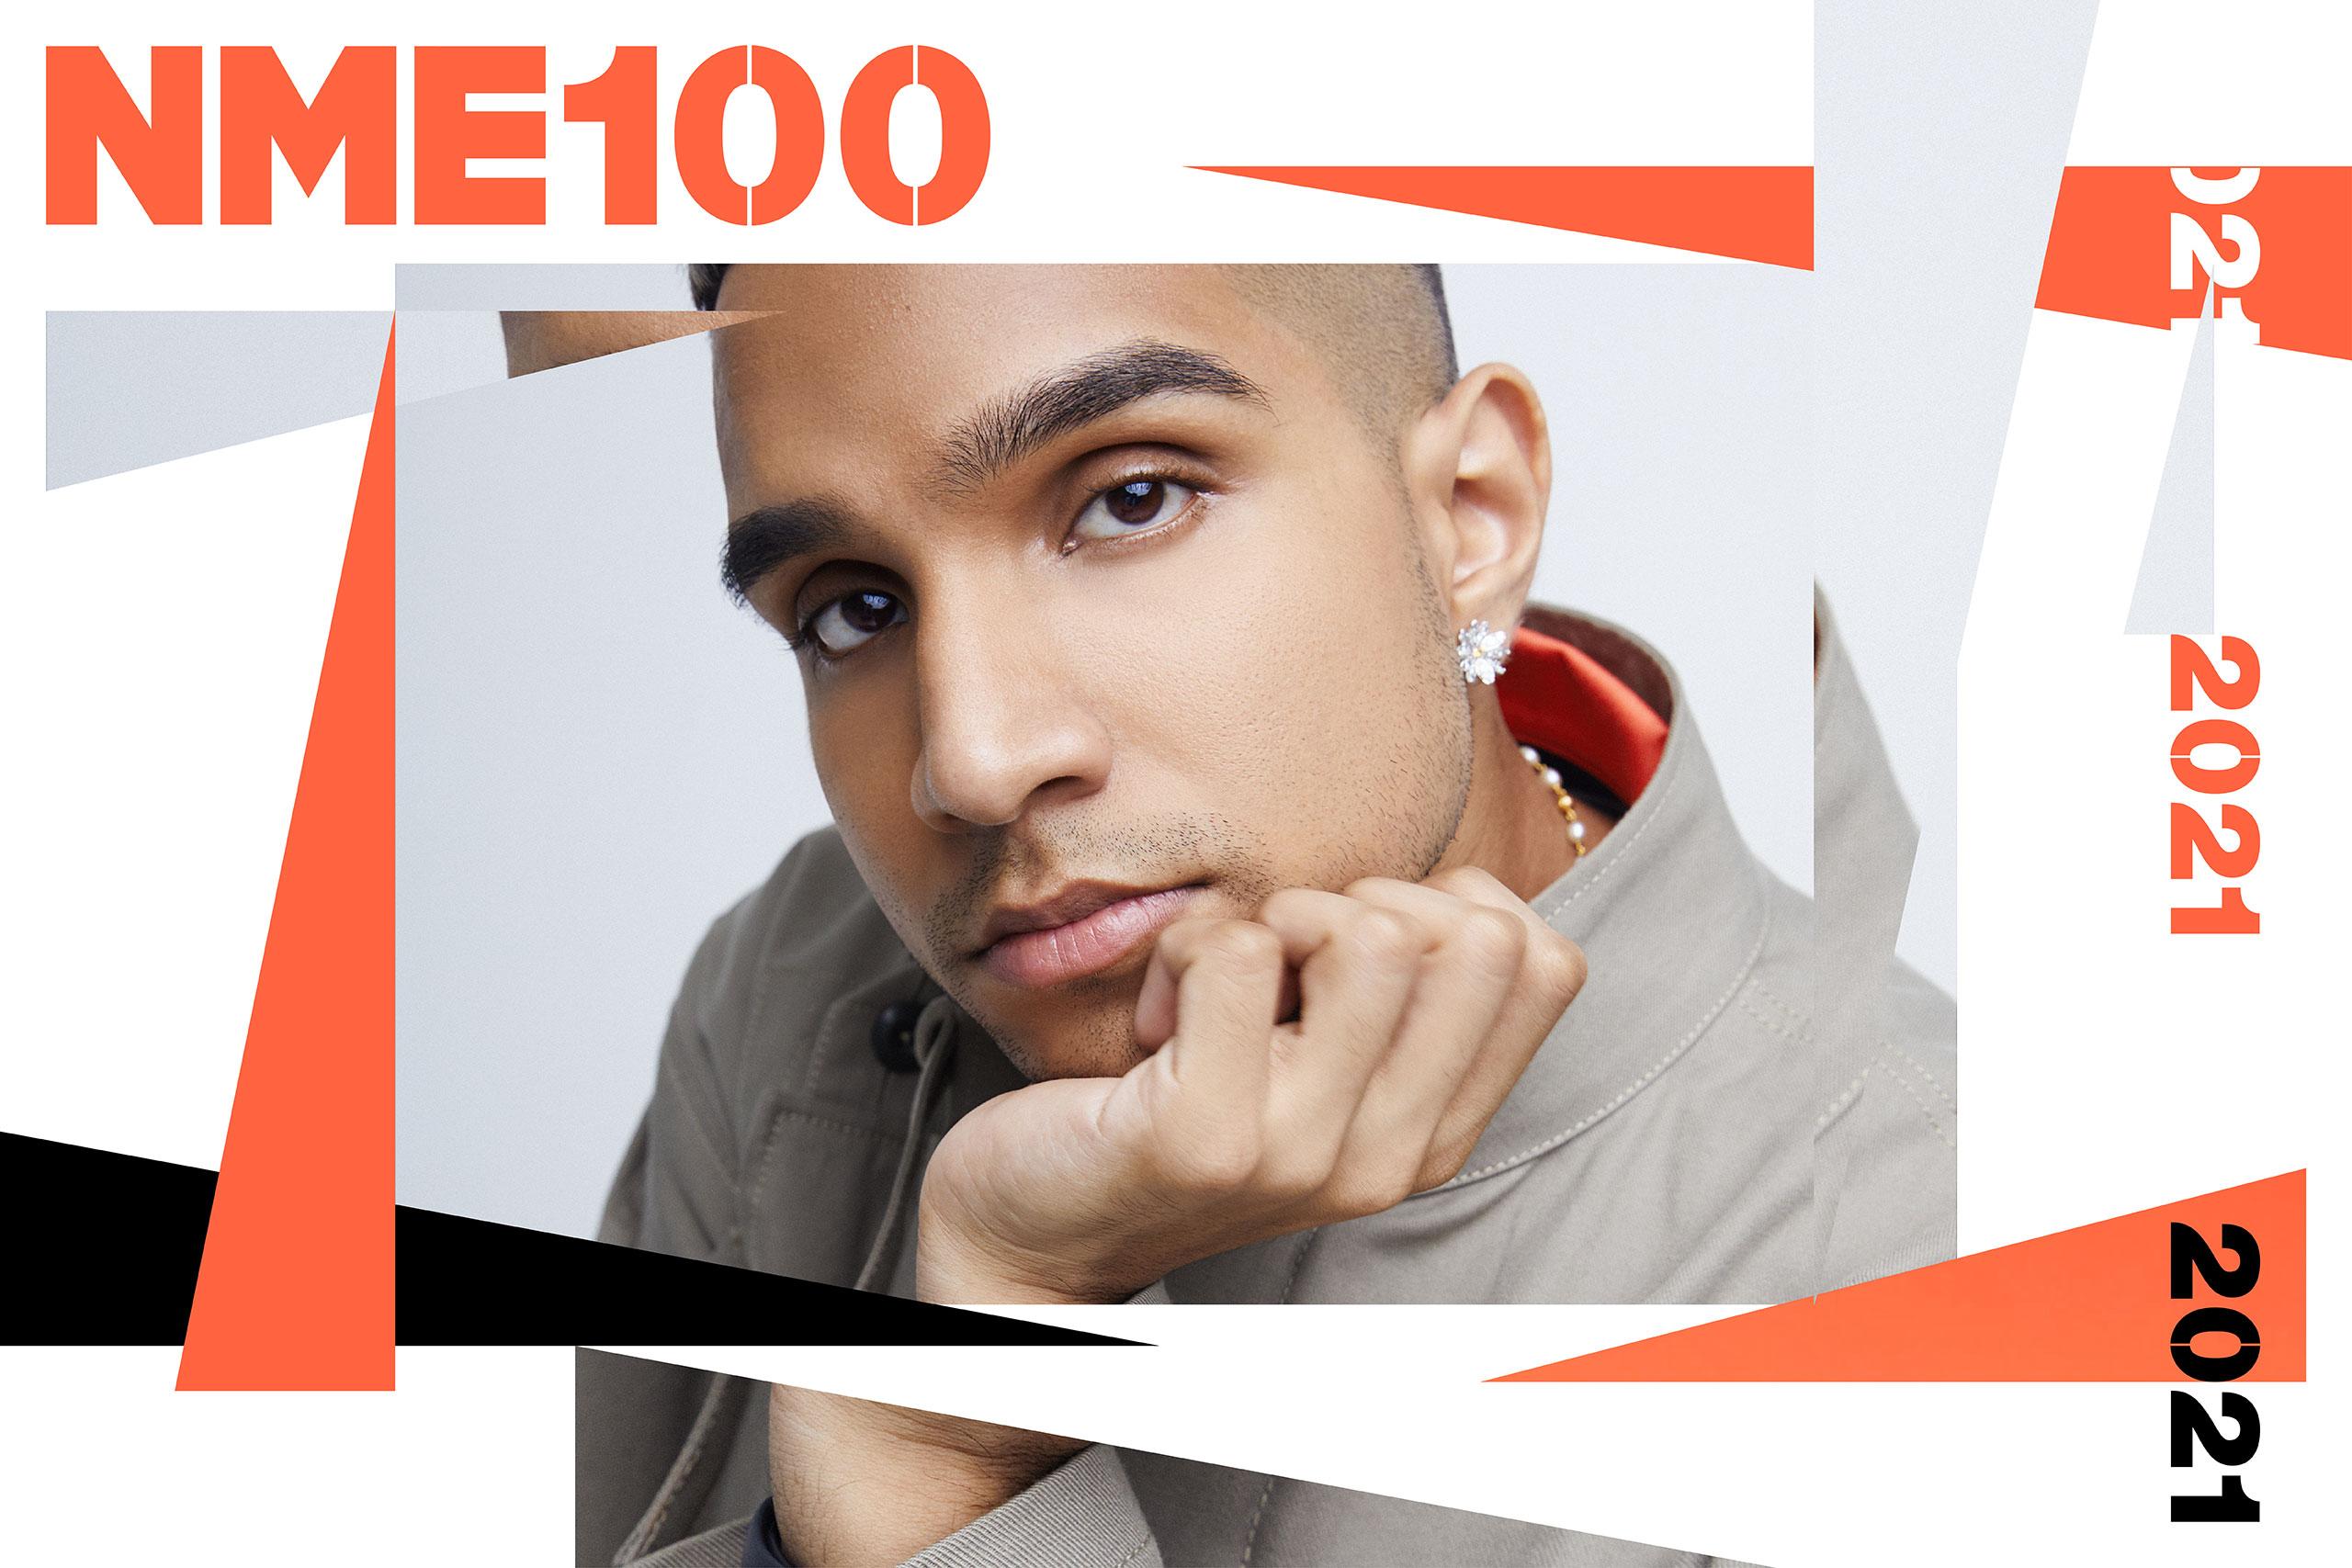 NME 100 yung raja